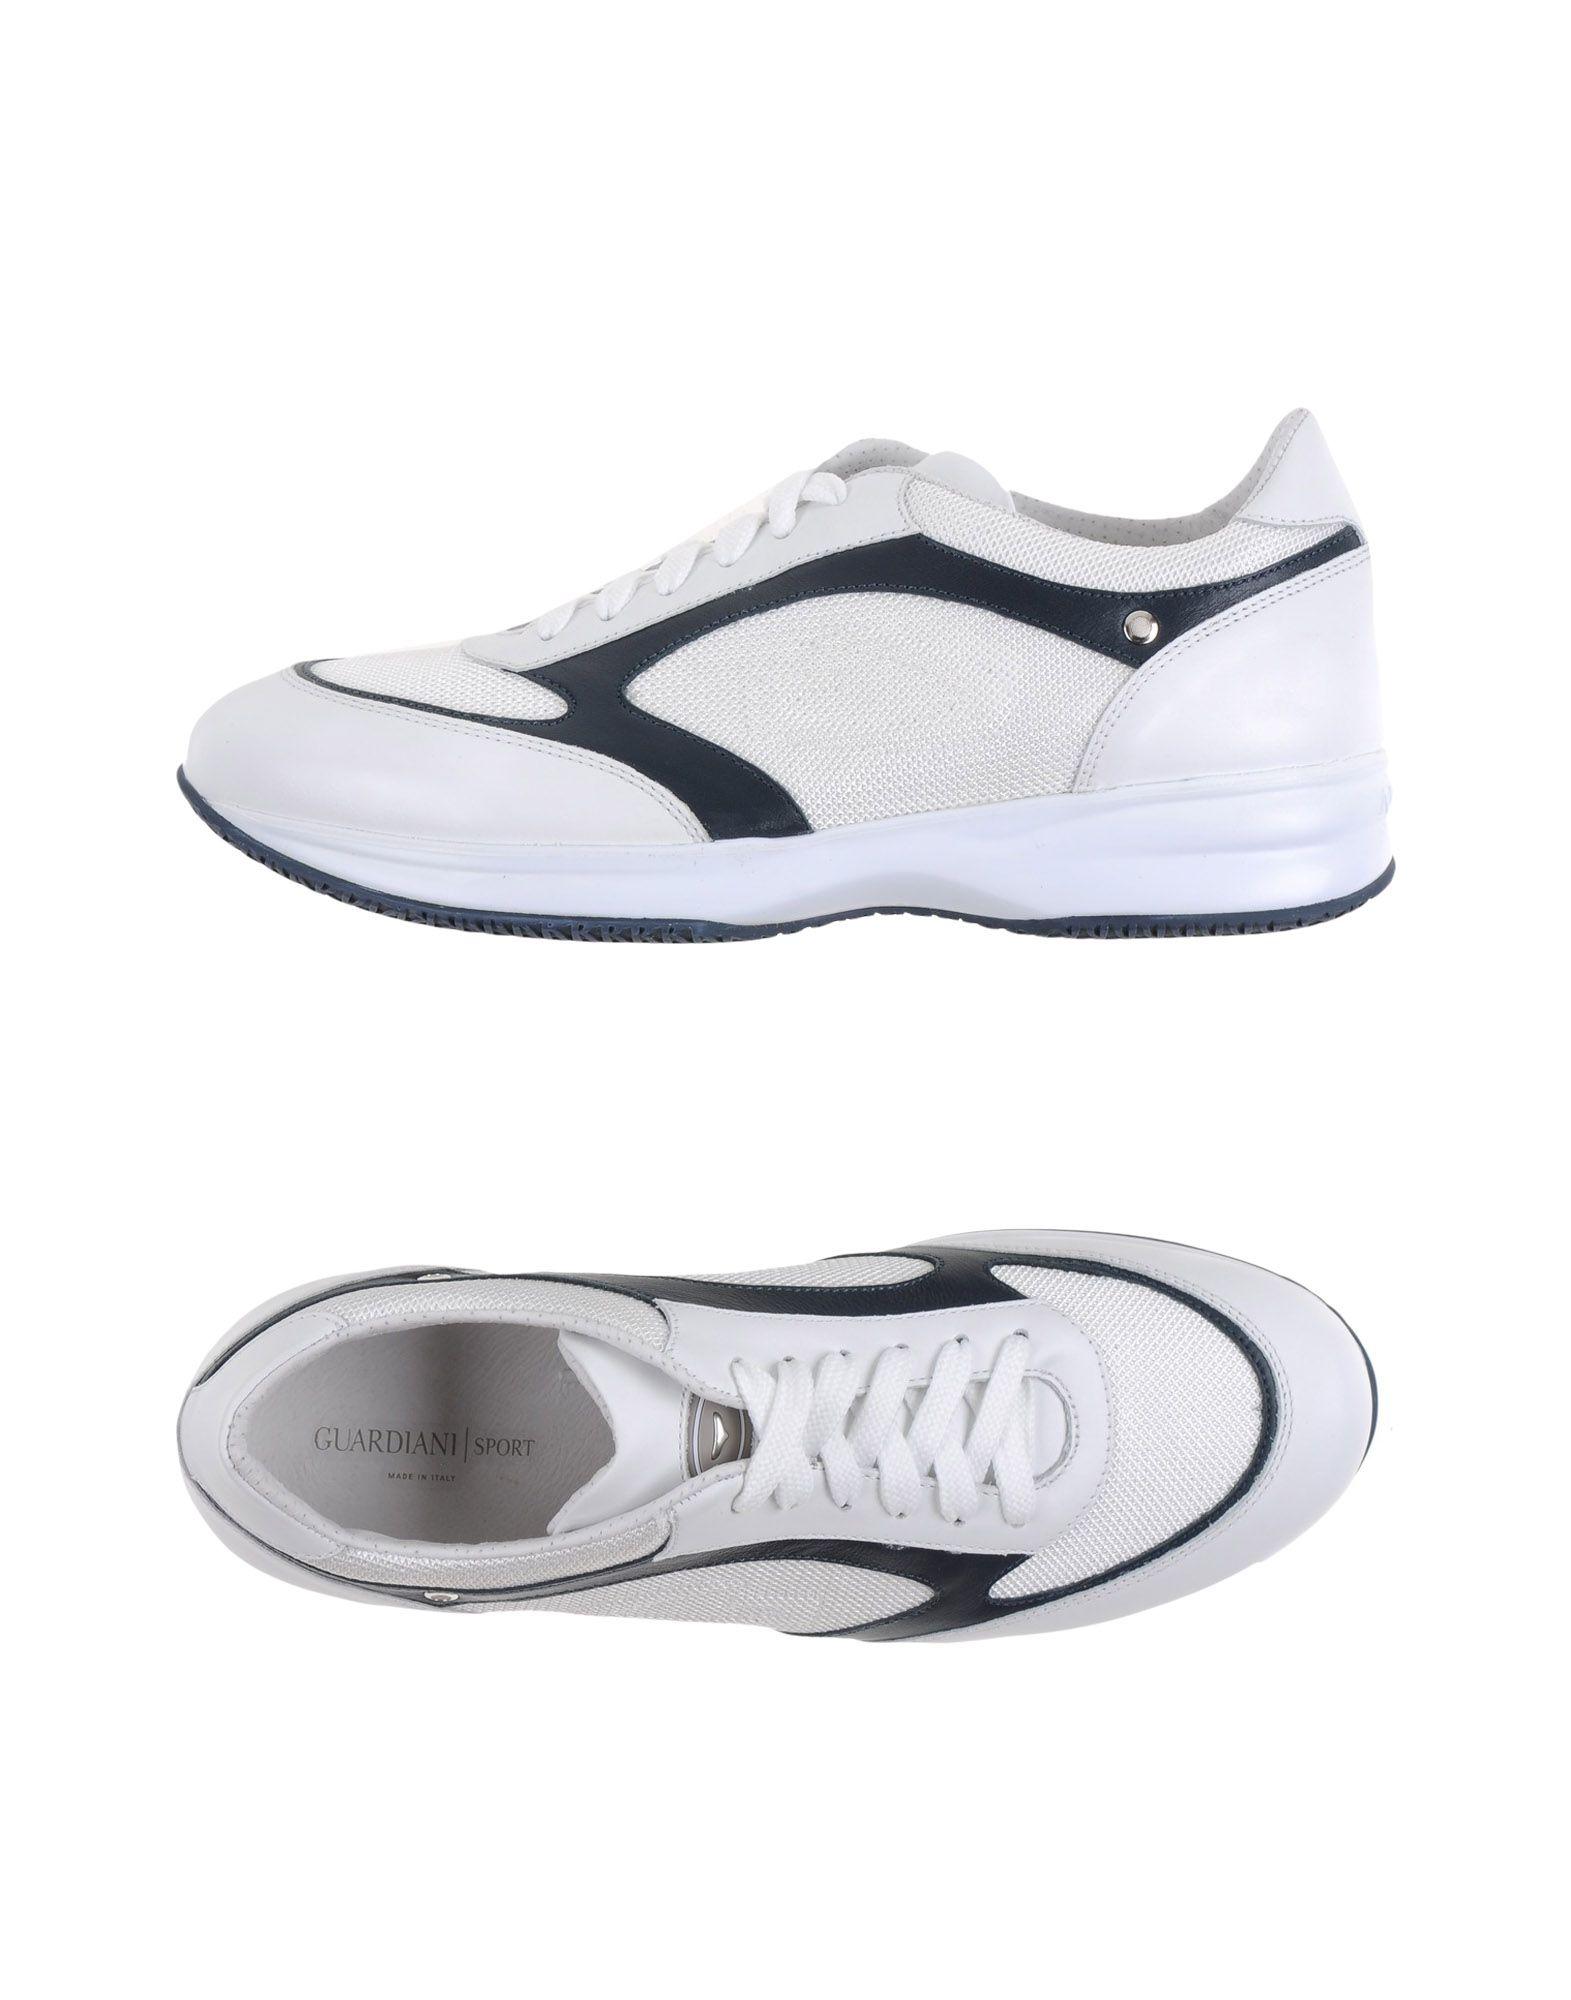 Alberto Guardiani Sneakers Herren 11046727LB  11046727LB Herren Neue Schuhe 302718